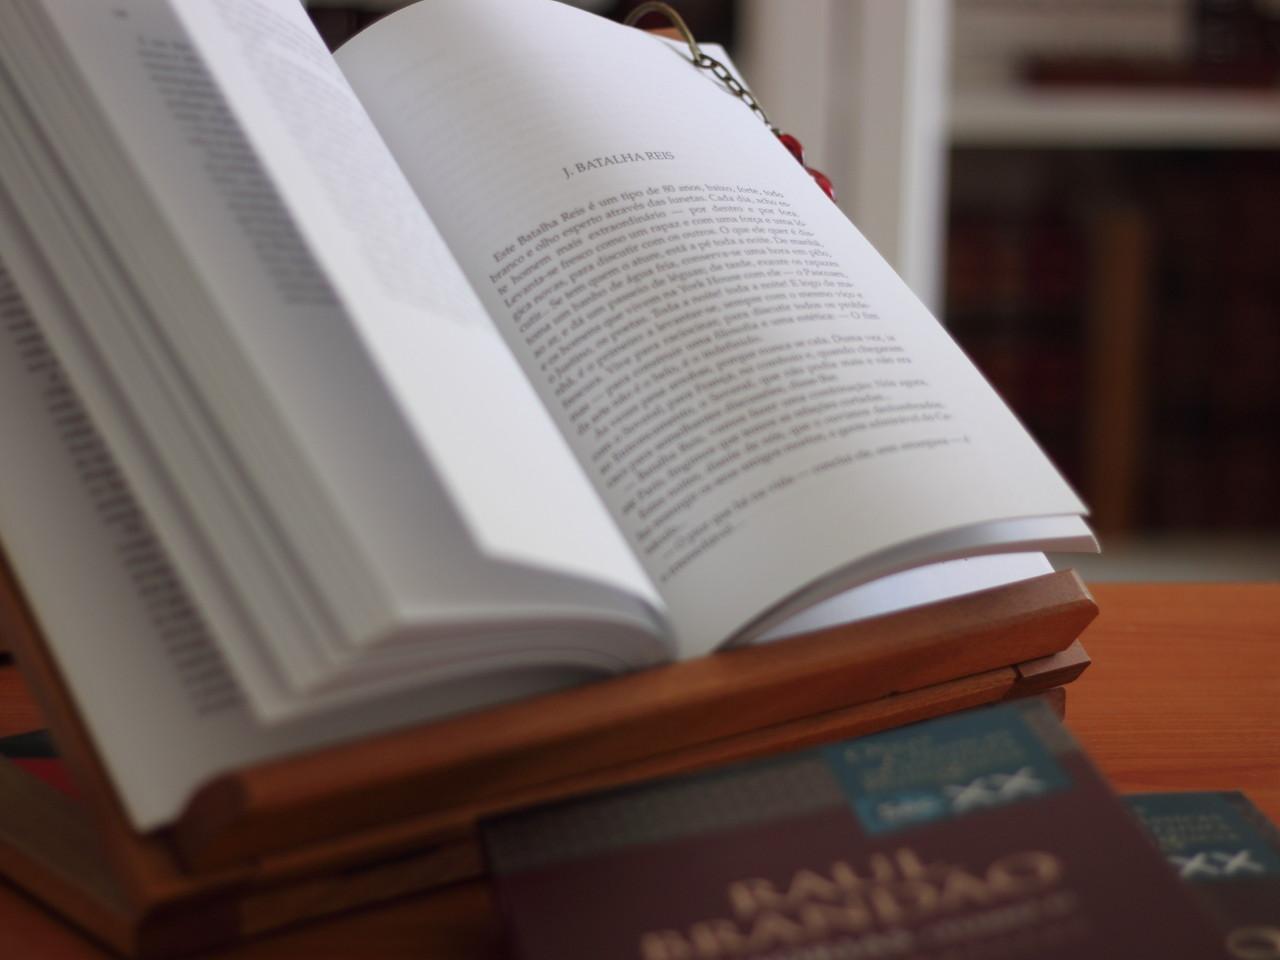 Raul Brandão, «Memórias» (3 vols.), Relógio d'Água, Lisboa, 1998-2000.